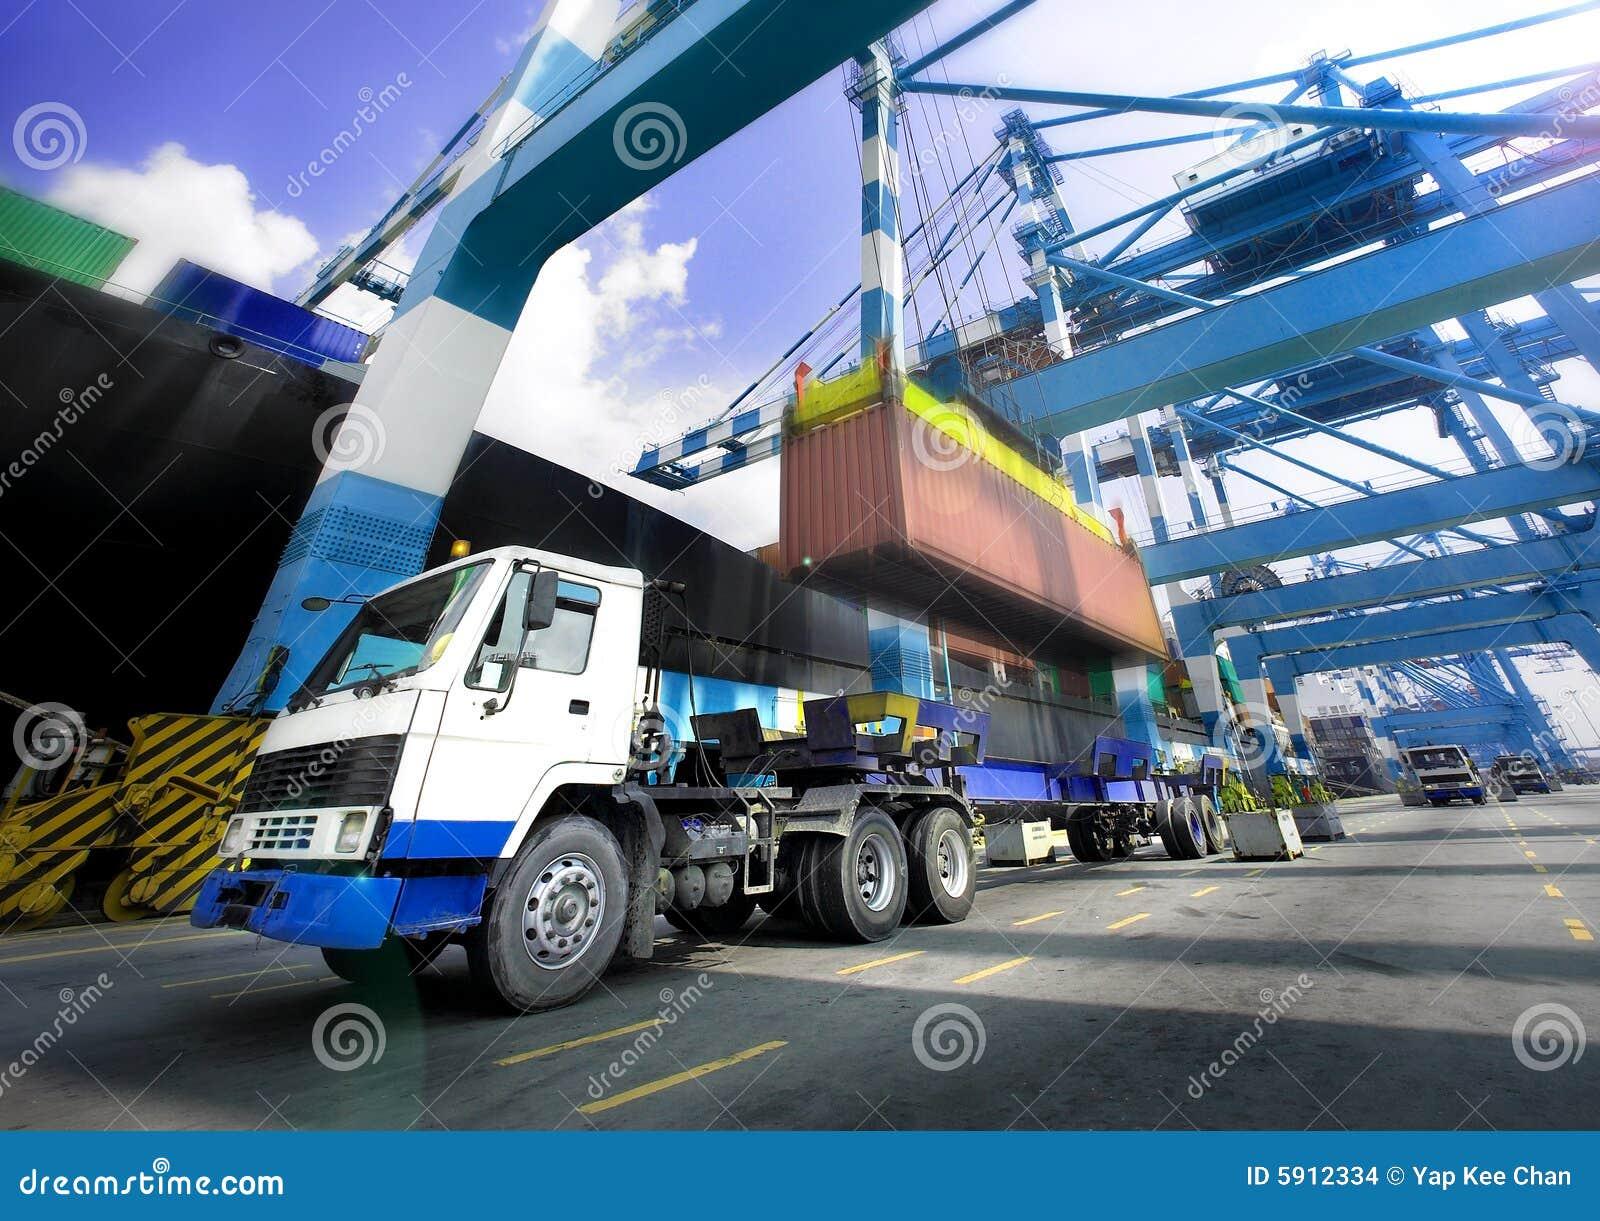 Port forwarding